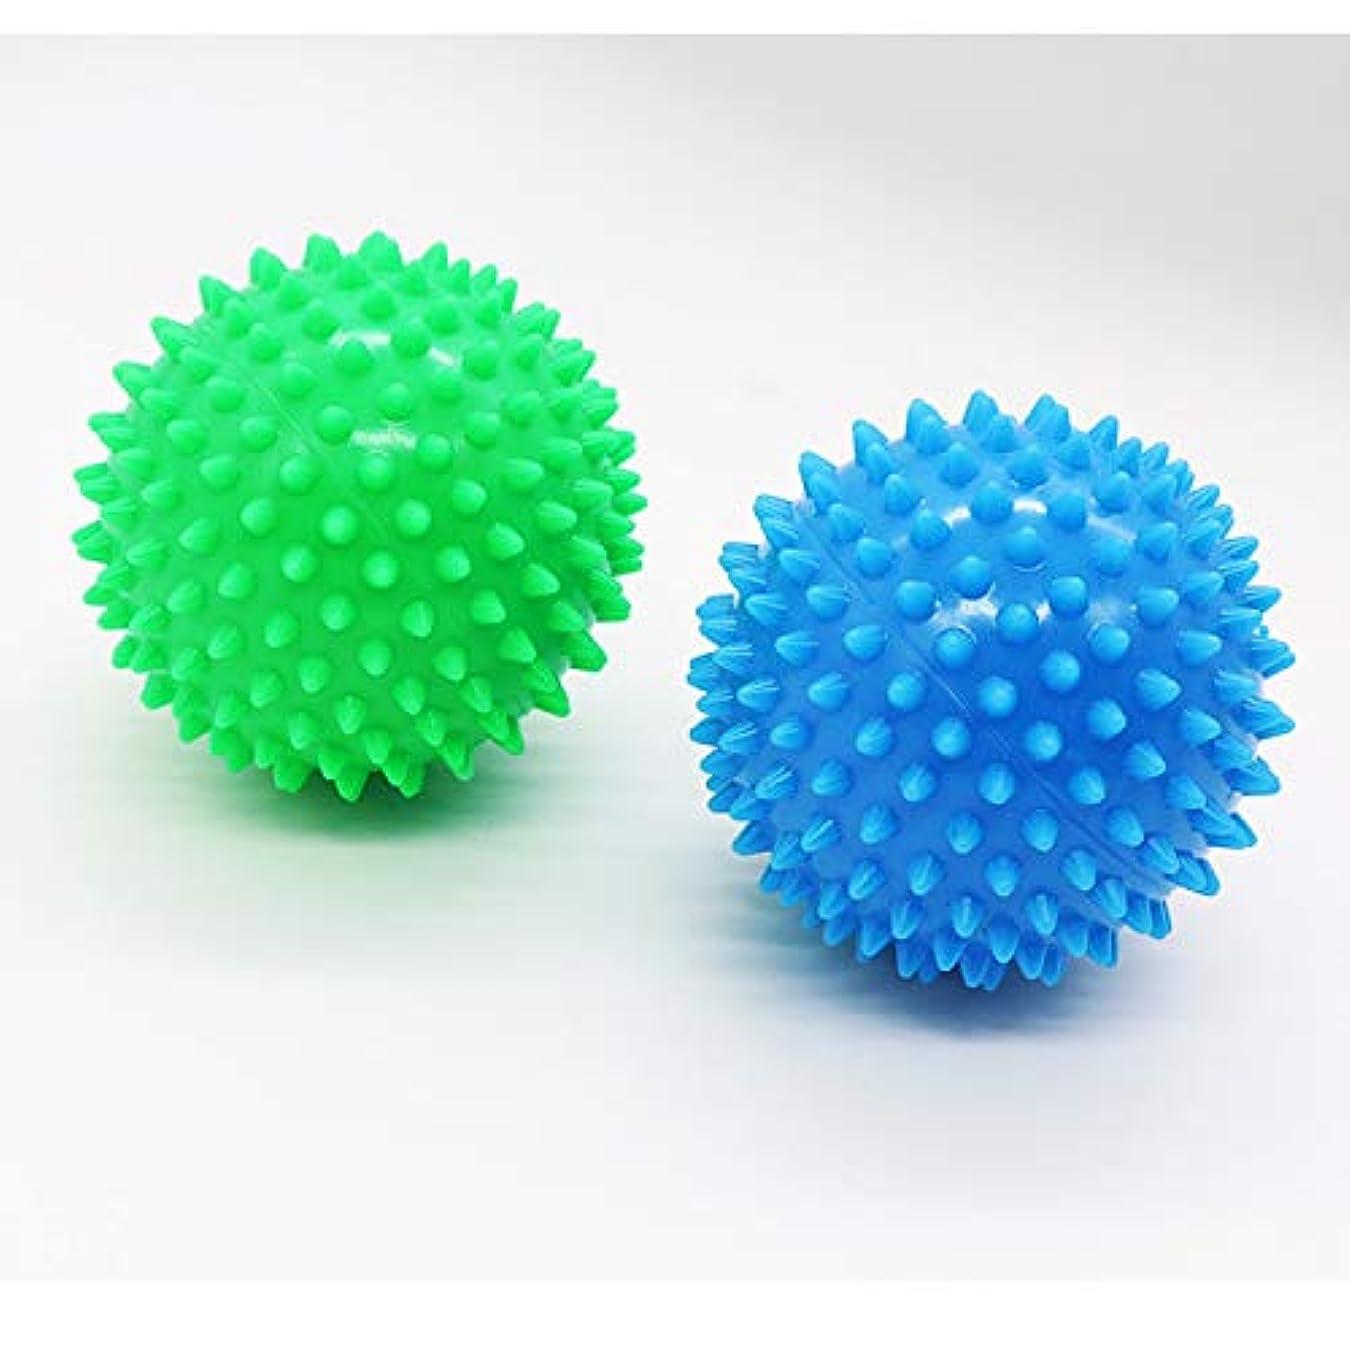 オート換気日光Dreecy マッサージボール(2個セット)触覚ボール リフレックスボール トレーニングボール  ポイントマッサージ 筋筋膜リリース 筋肉緊張和らげ 血液循環促進 9cm(青+緑)